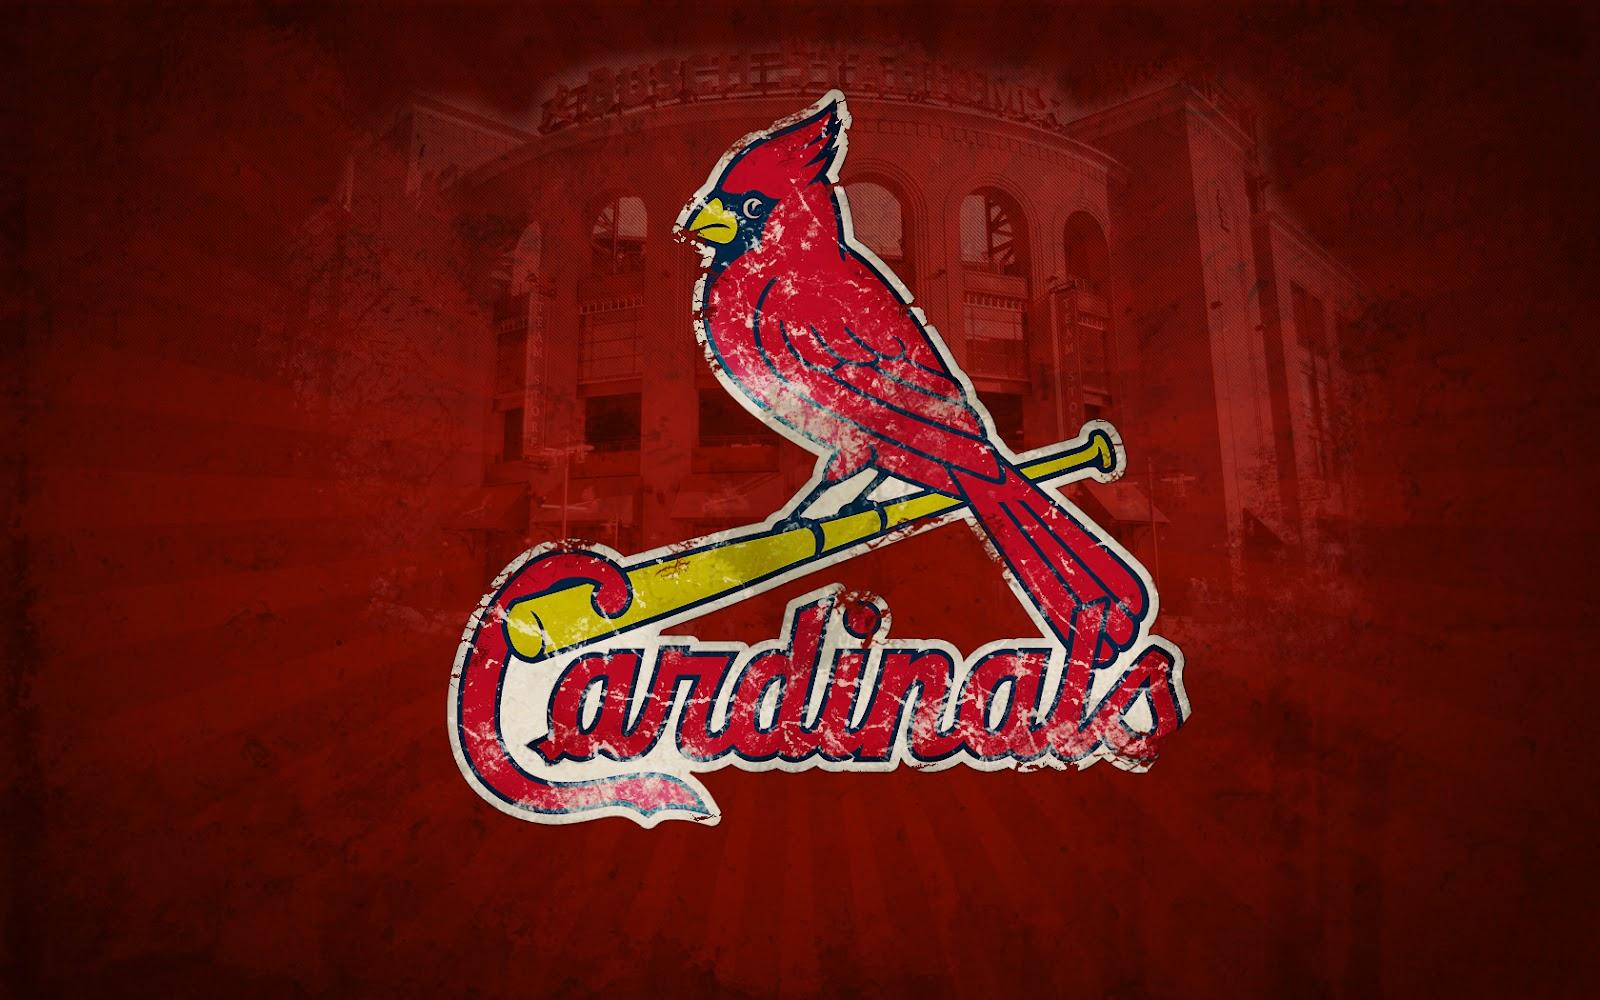 http://2.bp.blogspot.com/-4tHeuo4zjS8/UGw7hEcI1vI/AAAAAAAAhS8/6y6KN6cK2-Y/s1600/cardinals.jpg